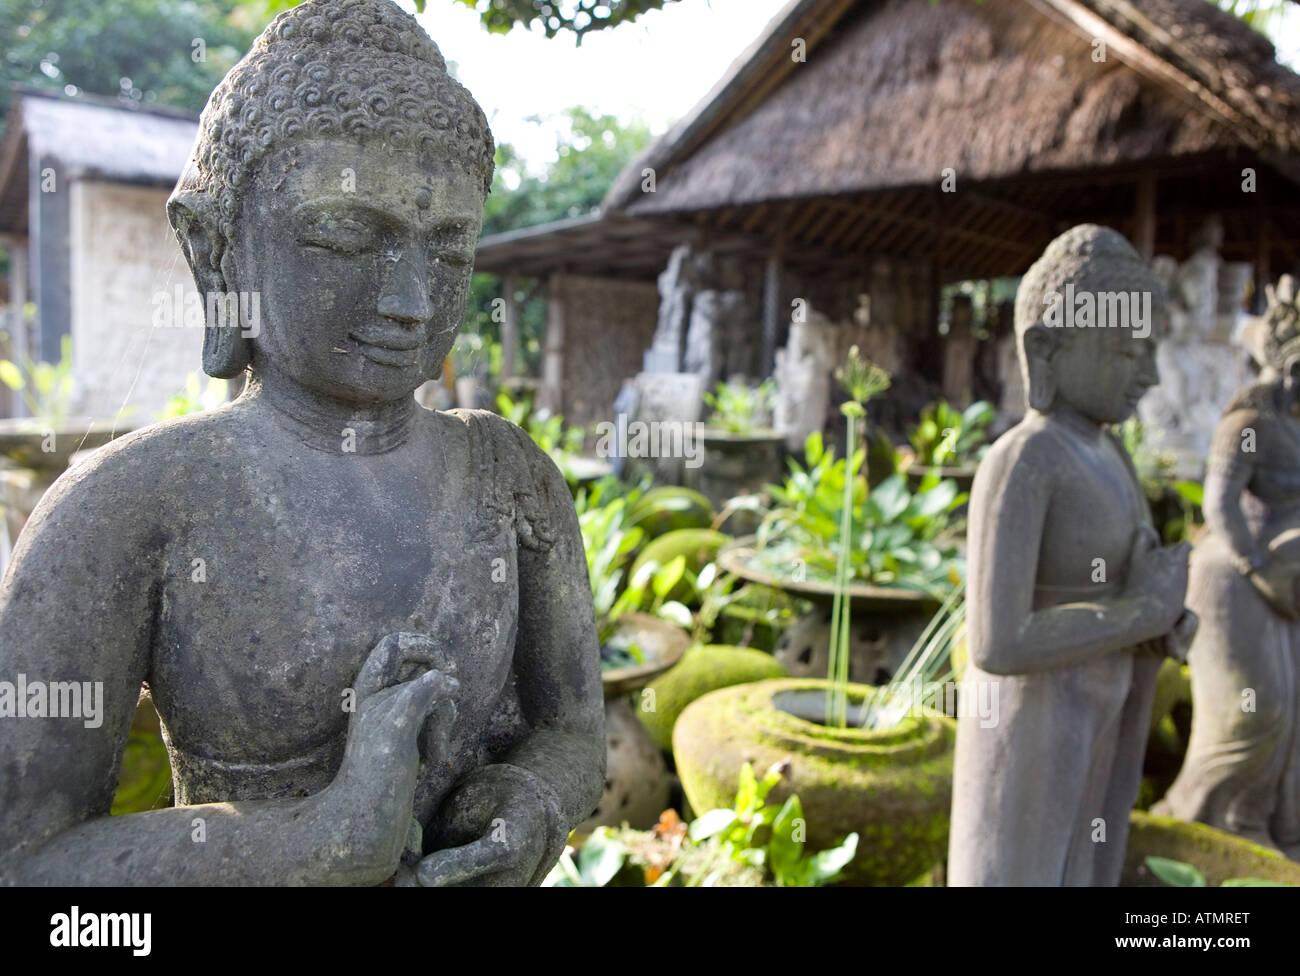 Carved Stone Buddhas Ubud Bali Indonesia - Stock Image